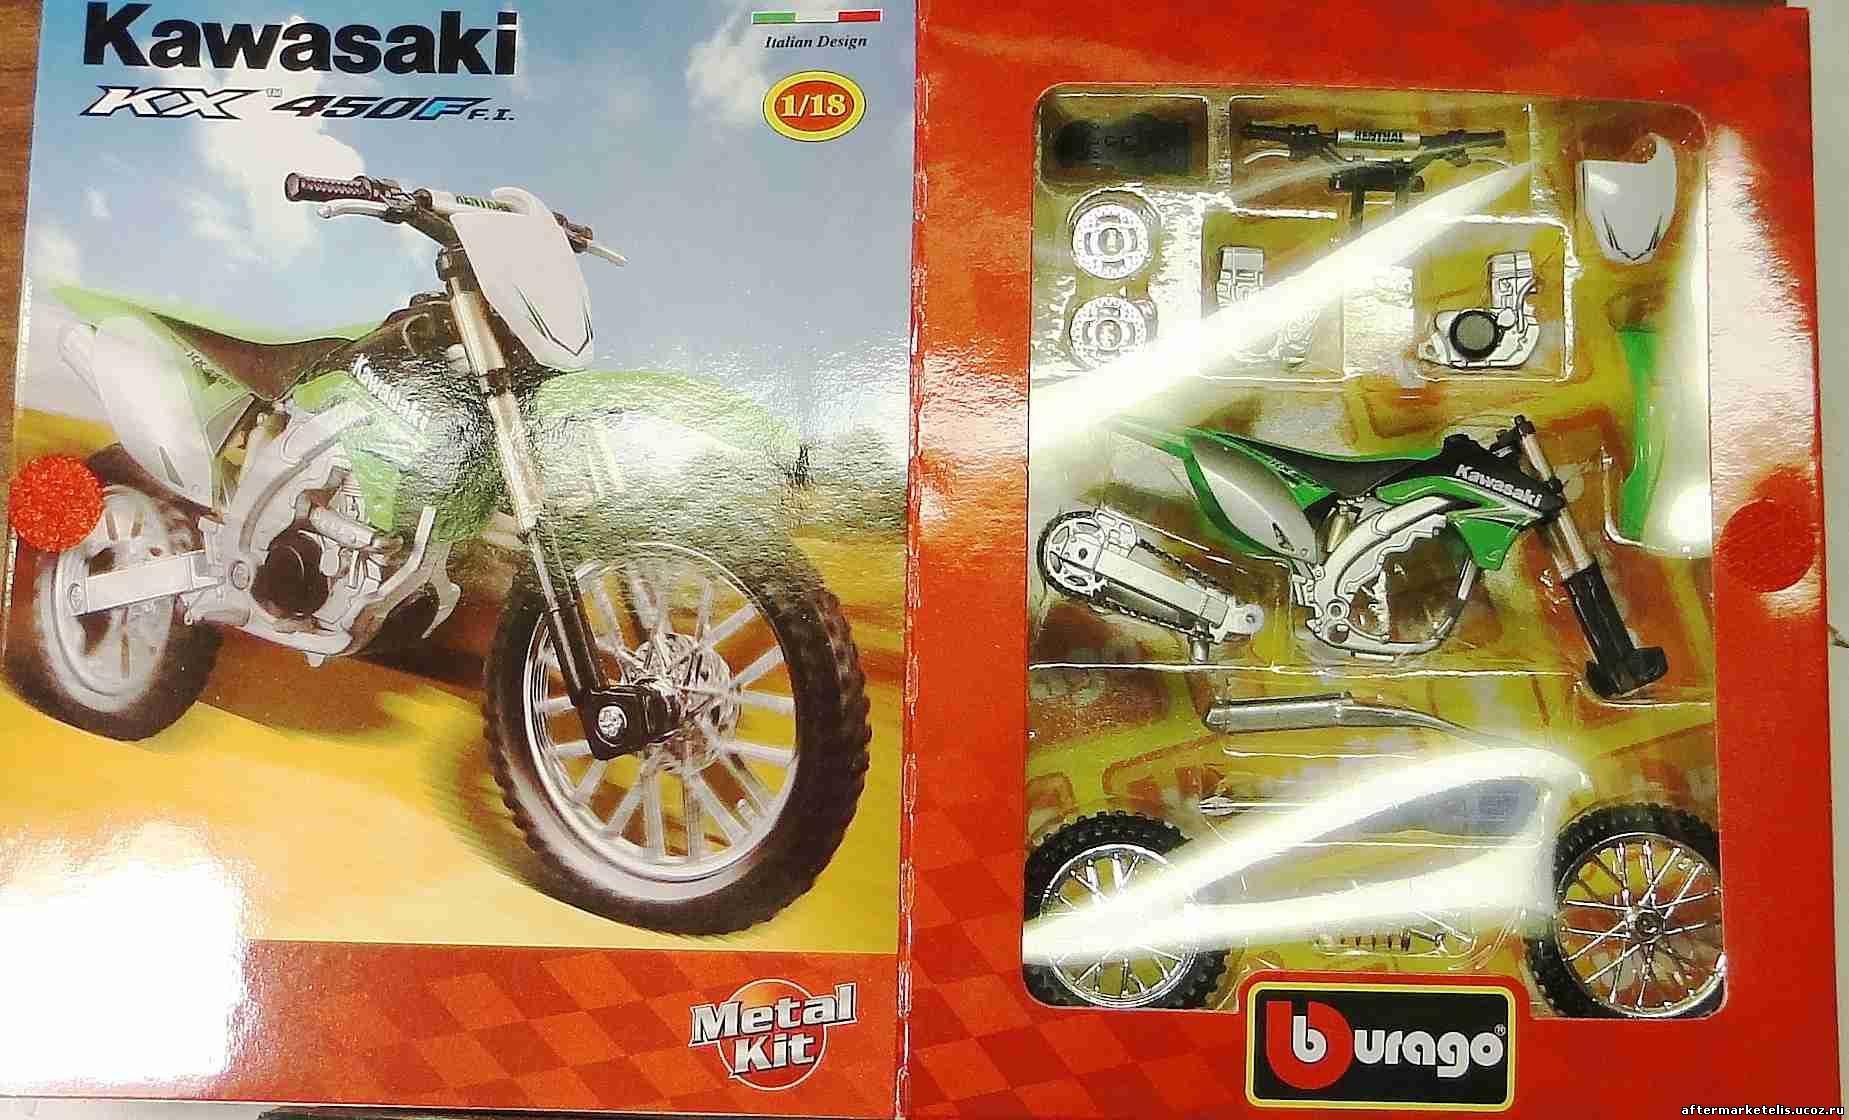 Kawasaki KX 450 F Bburago-kit